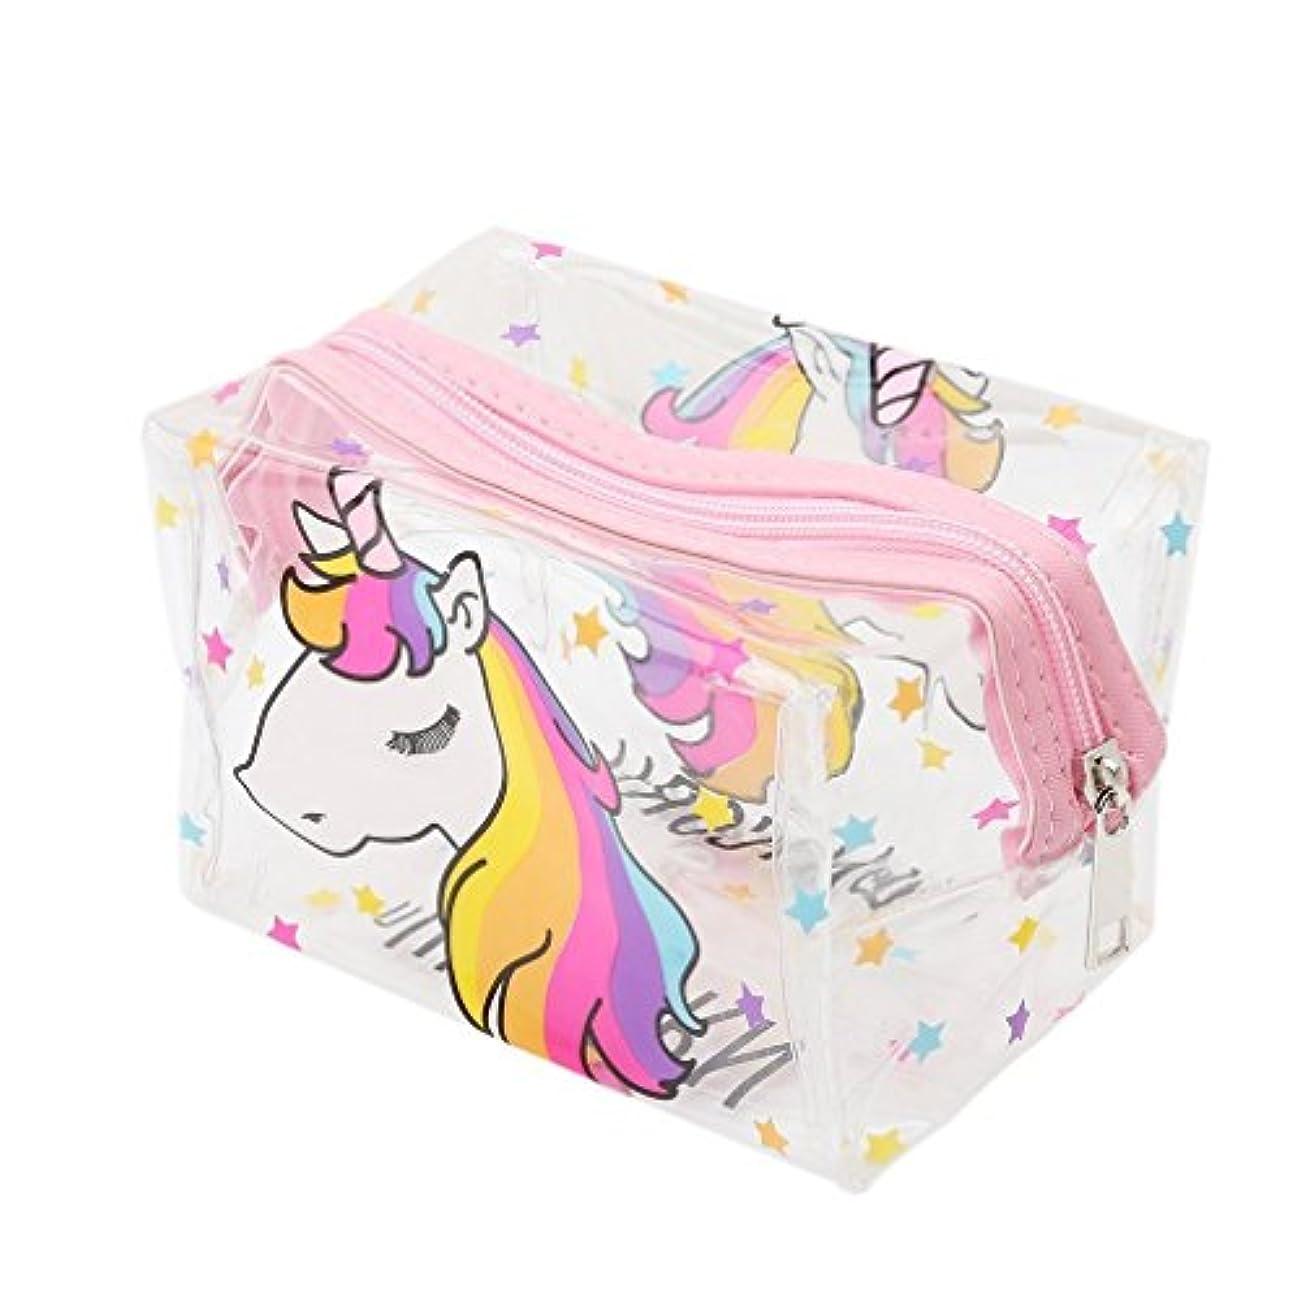 アクセス半島うまくやる()Xiton 化粧品化粧ポーチ透明化粧トイレ袋ユニコーン化粧鉛筆(ピンク)化粧品袋